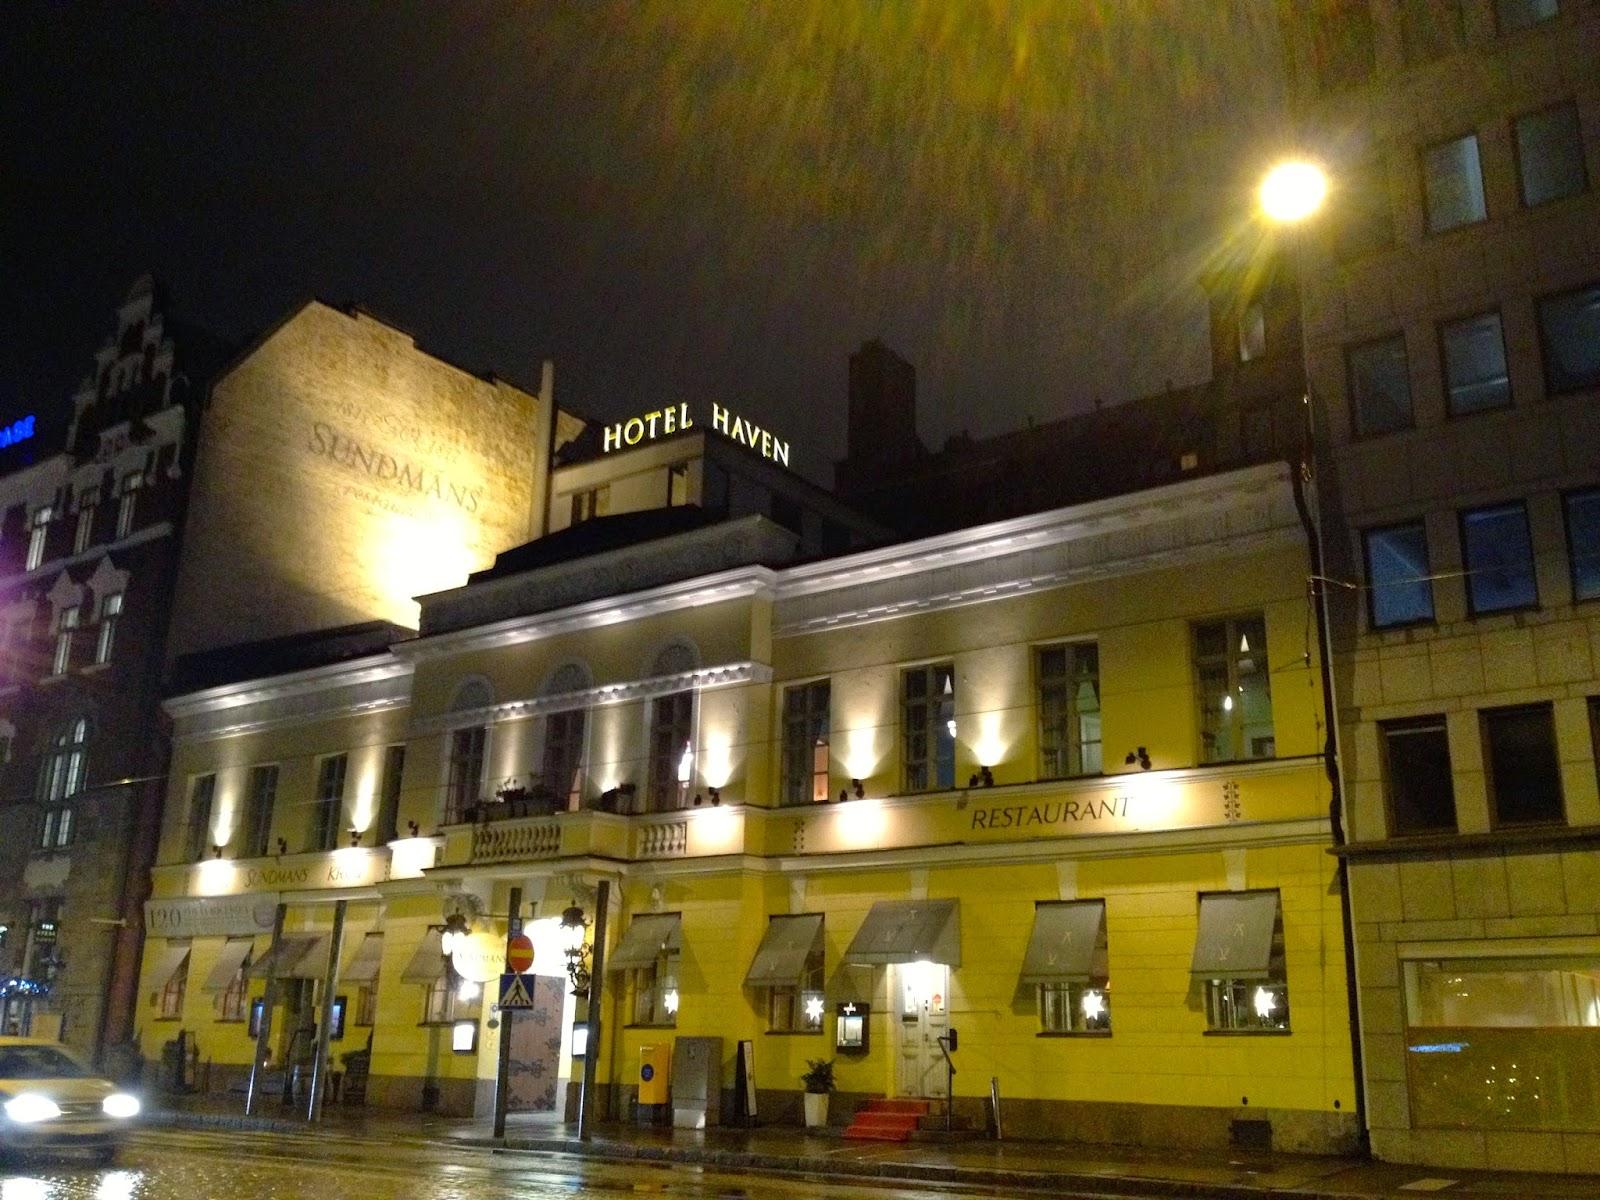 Hotel Haven sett fra utsiden på natten i lys